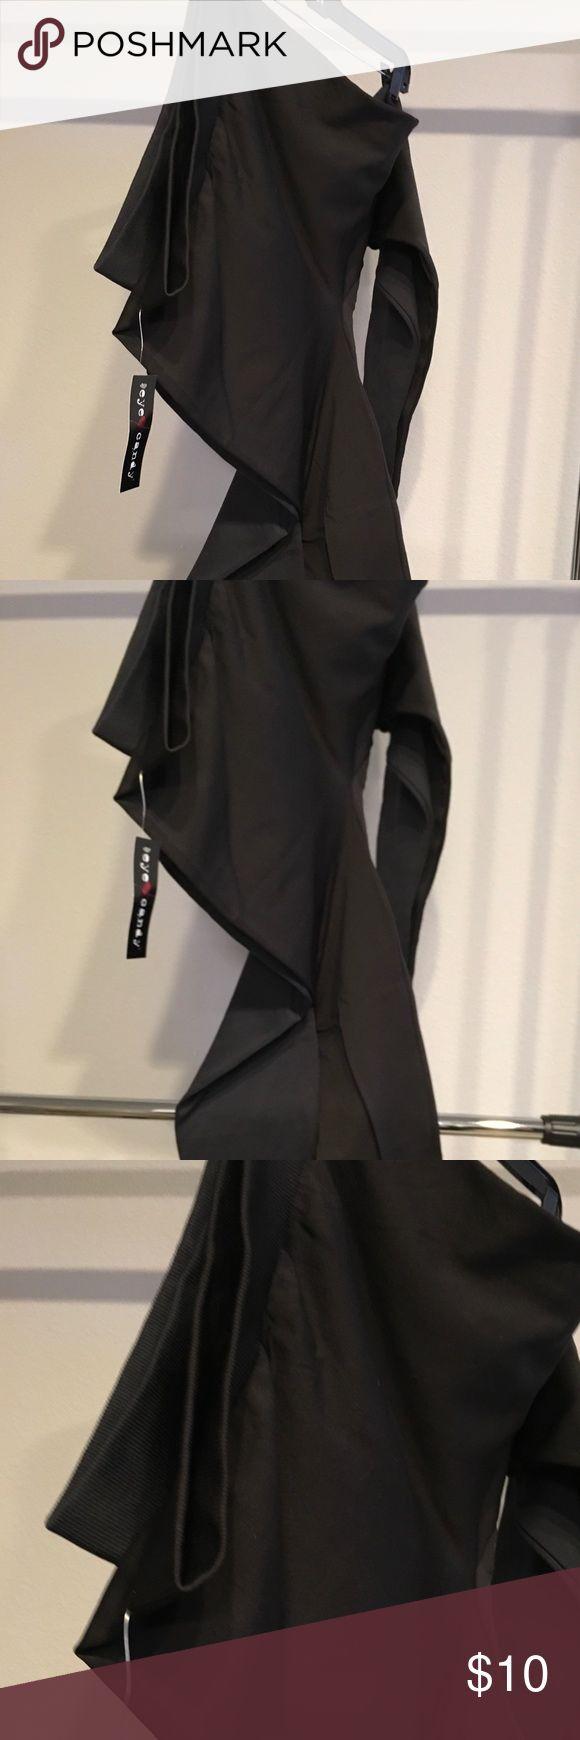 Ladies leggings Polyester and spandex leggings. One pair of dark grey and one pair of charcoal Rainbow Pants Leggings